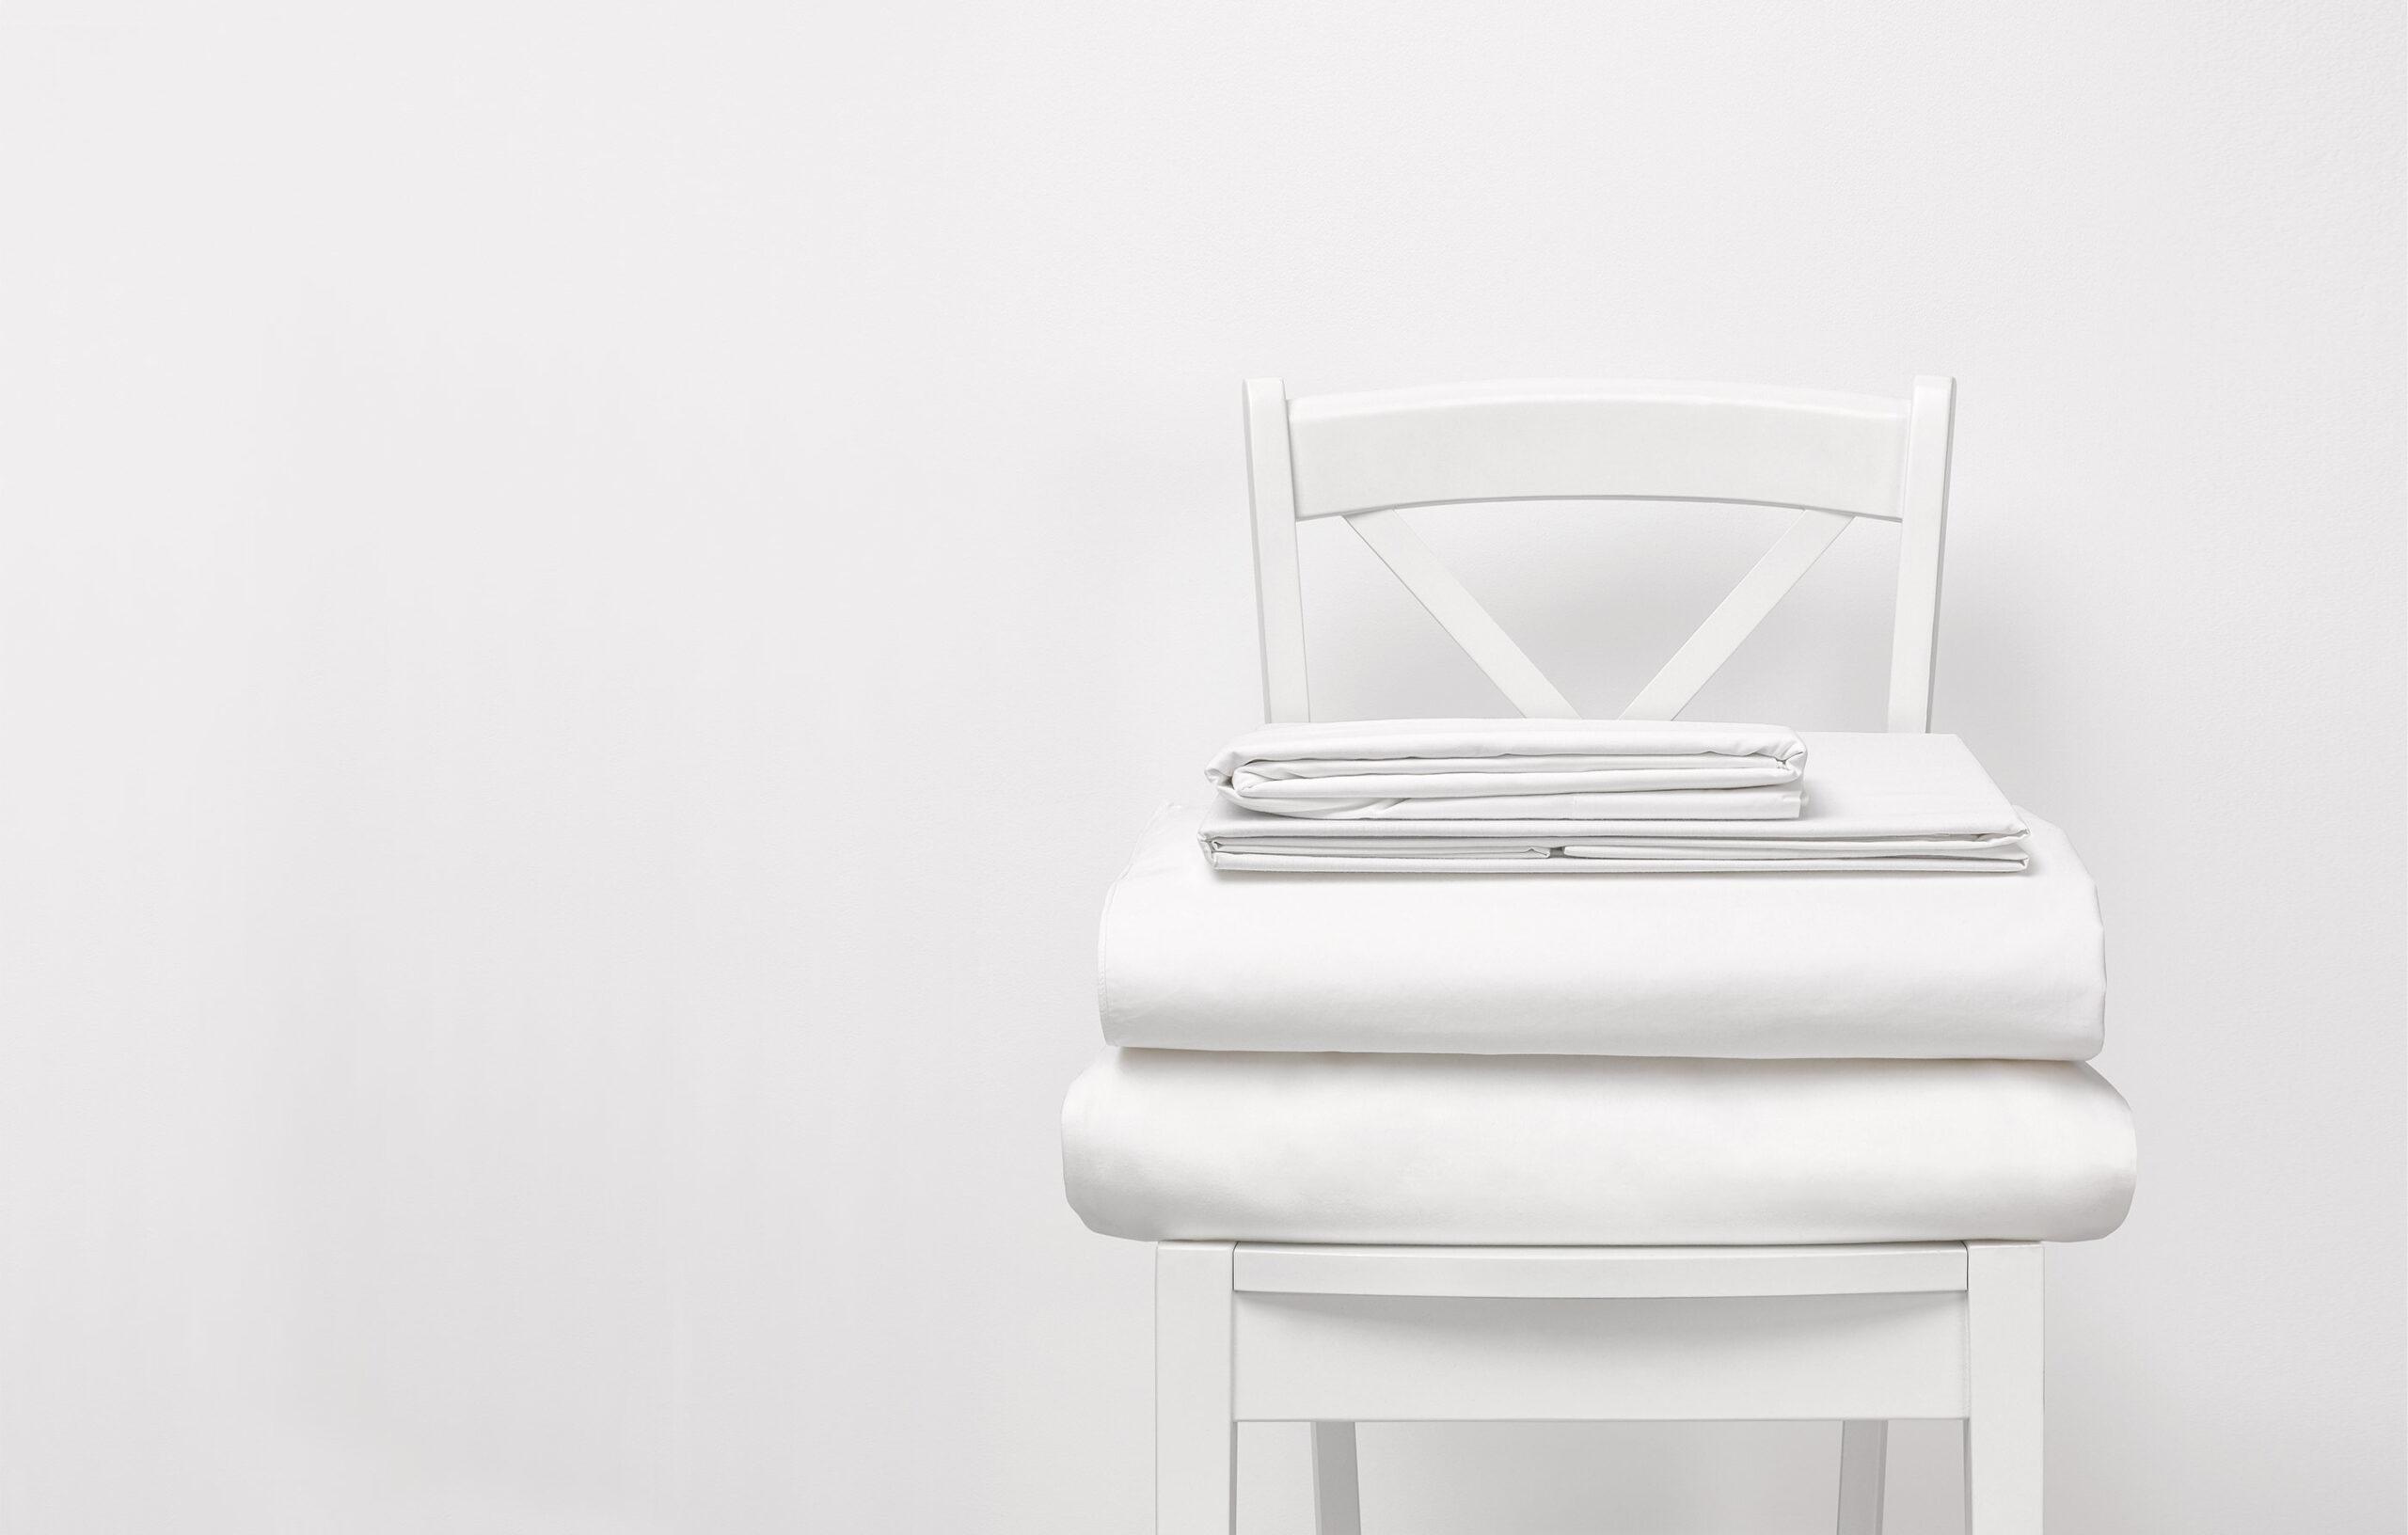 slider-planchado-scaled Rayen | Soluciones innovadoras para el hogar | Planchado de prendas | Rayen.com